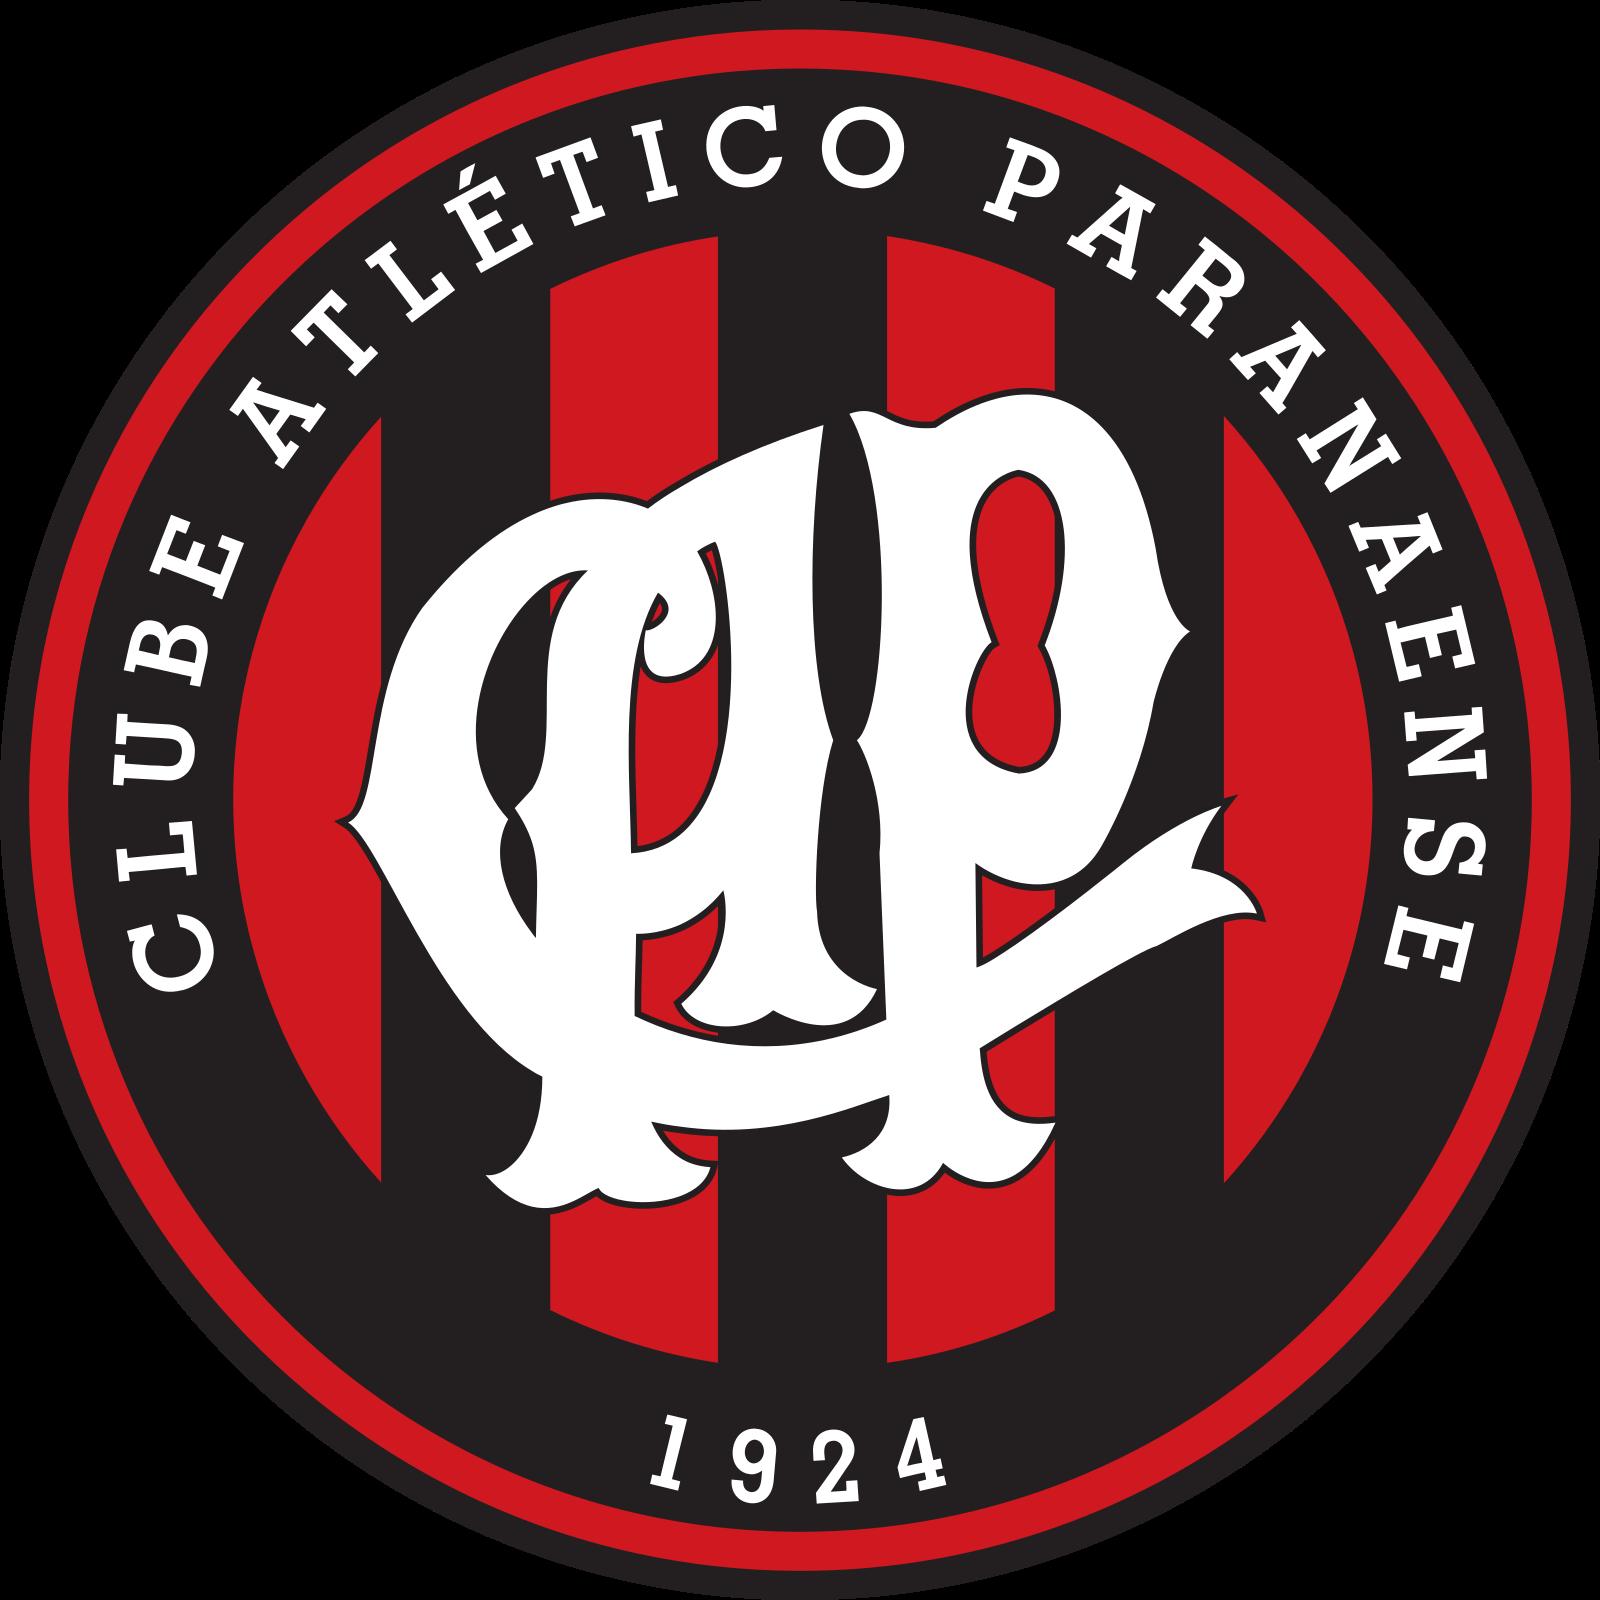 atletico-paranaense-logo-escudo-2